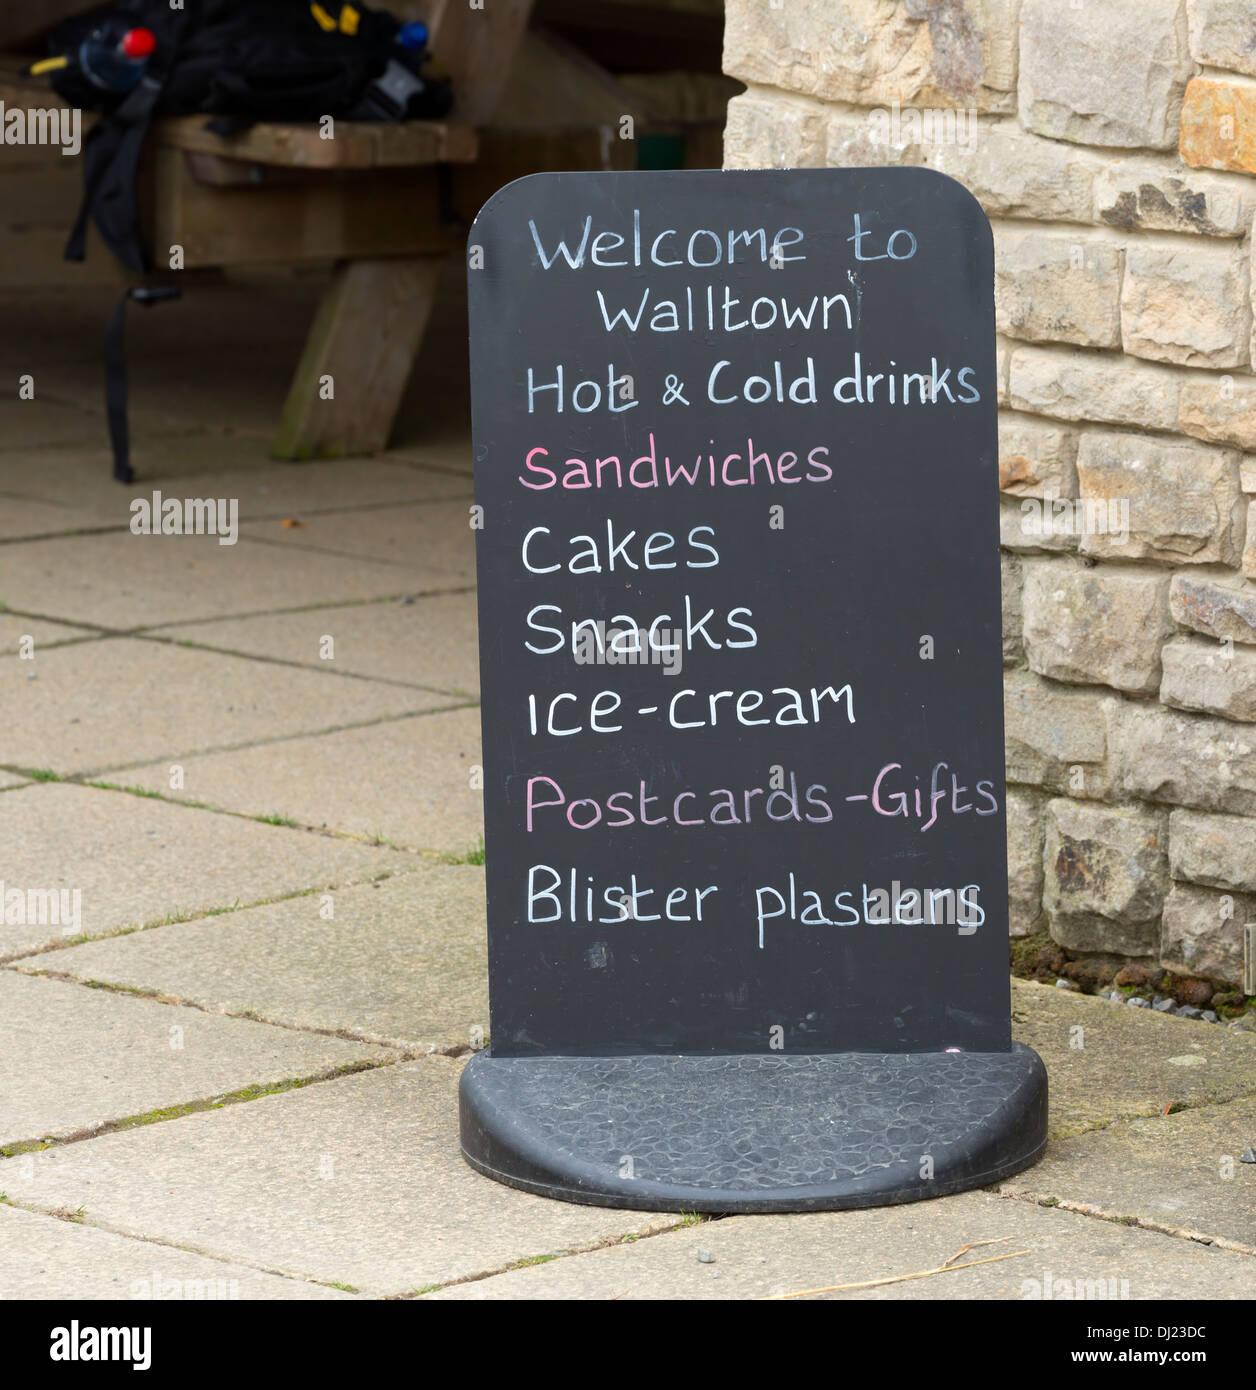 Tafel vor dem Café am Walltown. Die Kammer wirbt üblichen Café Tarif und Blister Putze für Wanderer mit schmerzenden Füßen. Stockbild